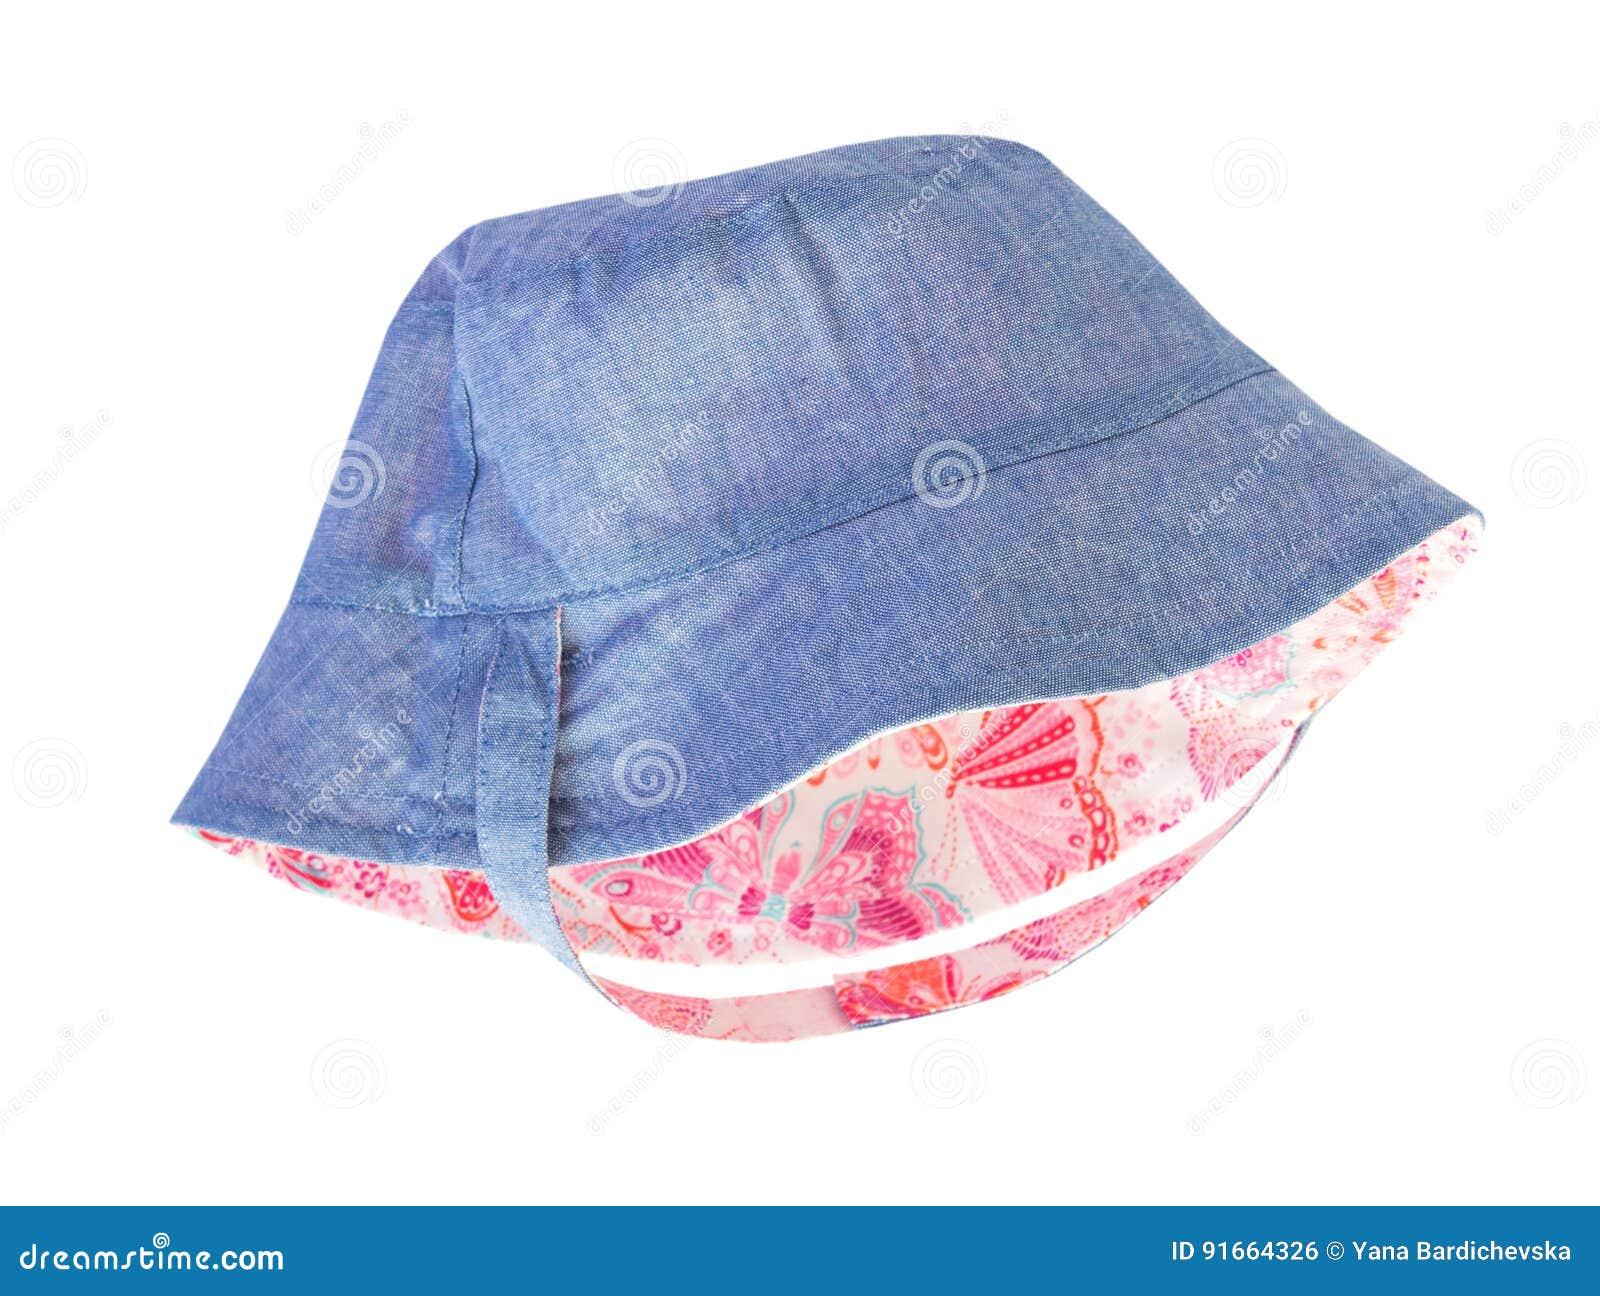 3ba0ac5d8fc8a Le Chapeau Panama D'enfant De Bébé D'enfant D'été N'a Isolé Personne ...